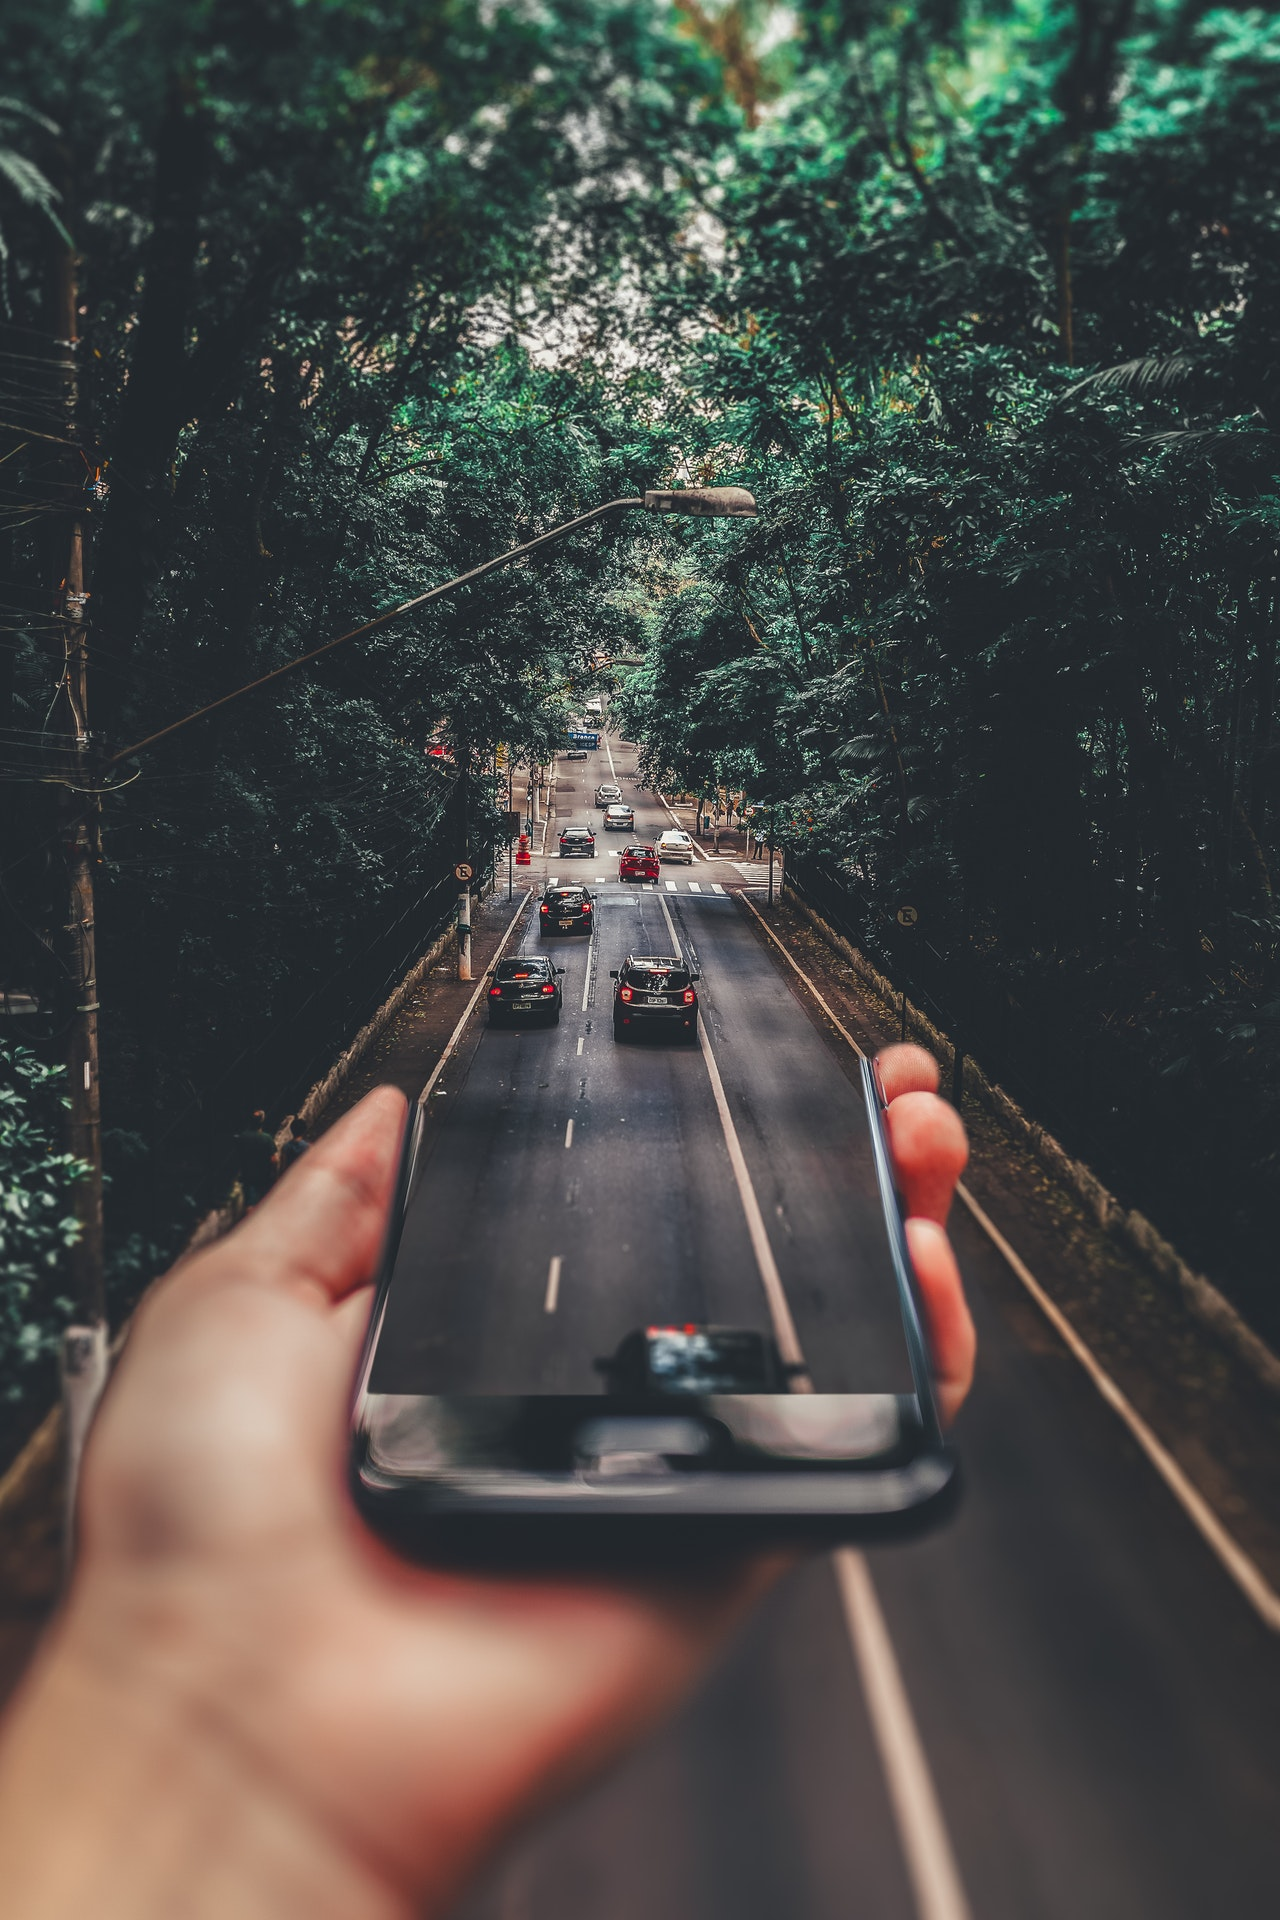 automóviles en las calles